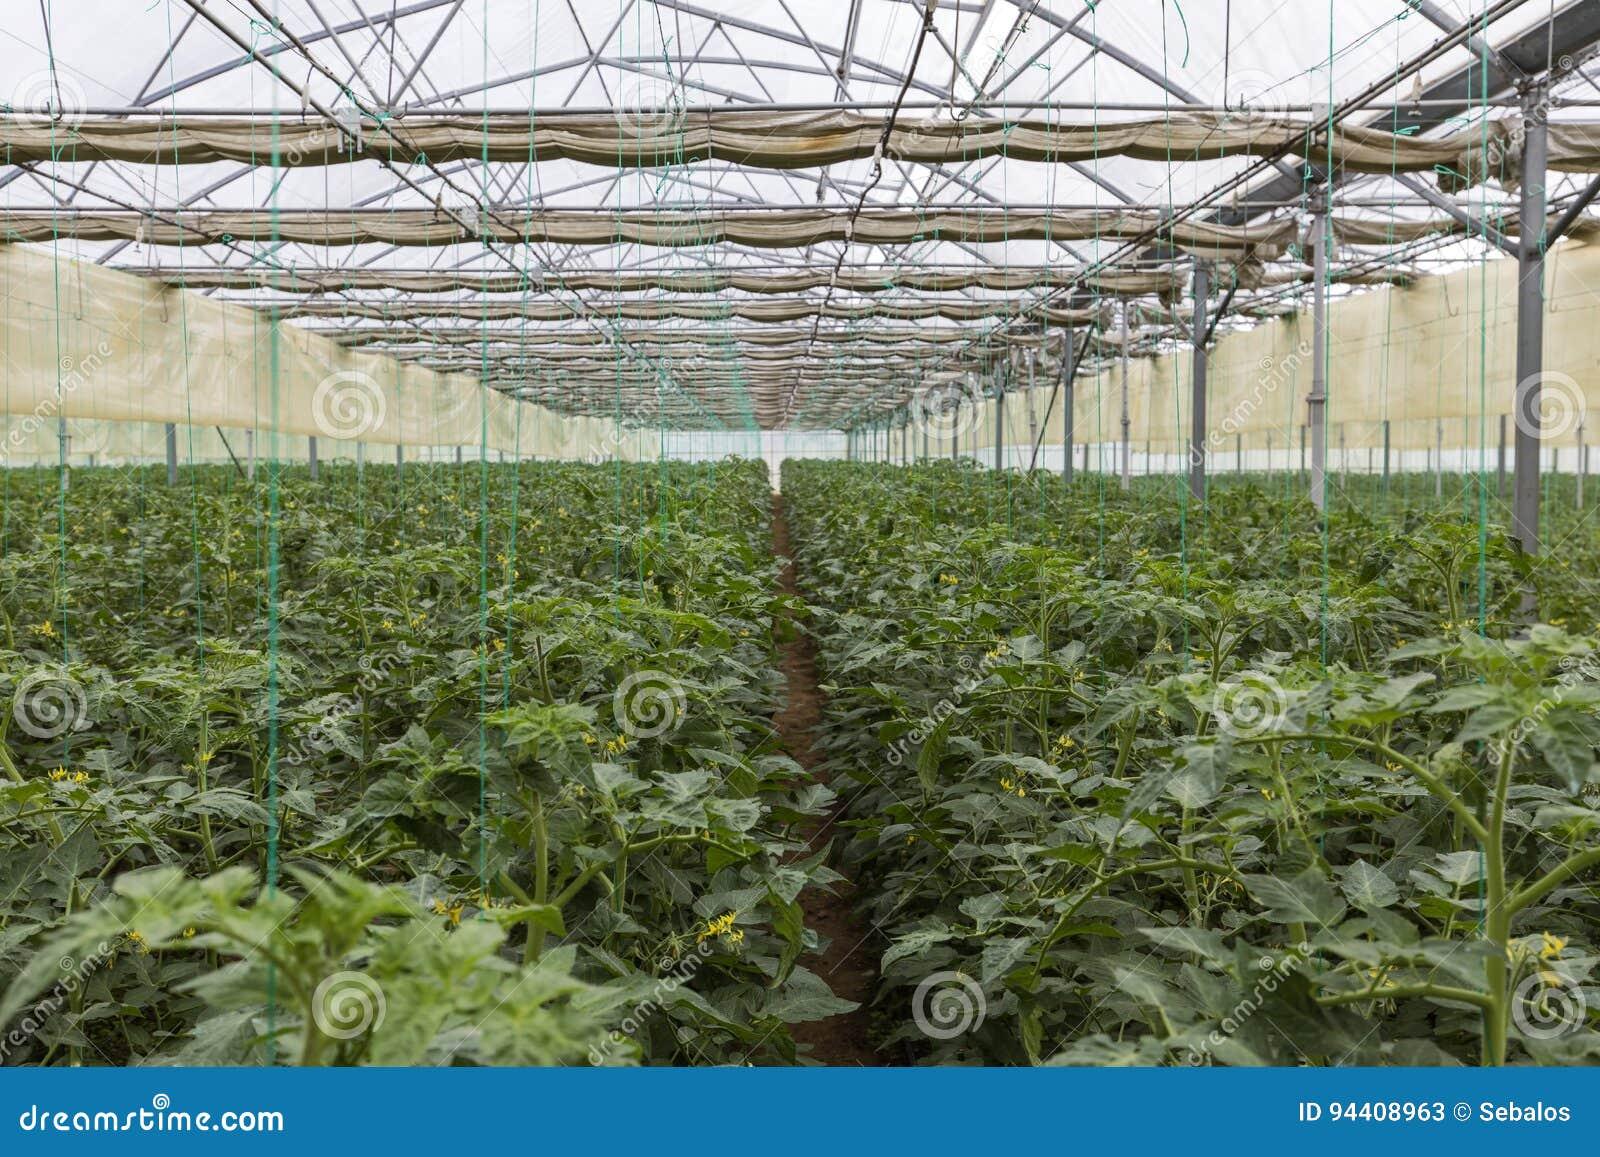 rang es des plantes de tomate levant la grande serre chaude industrielle int rieure photo stock. Black Bedroom Furniture Sets. Home Design Ideas